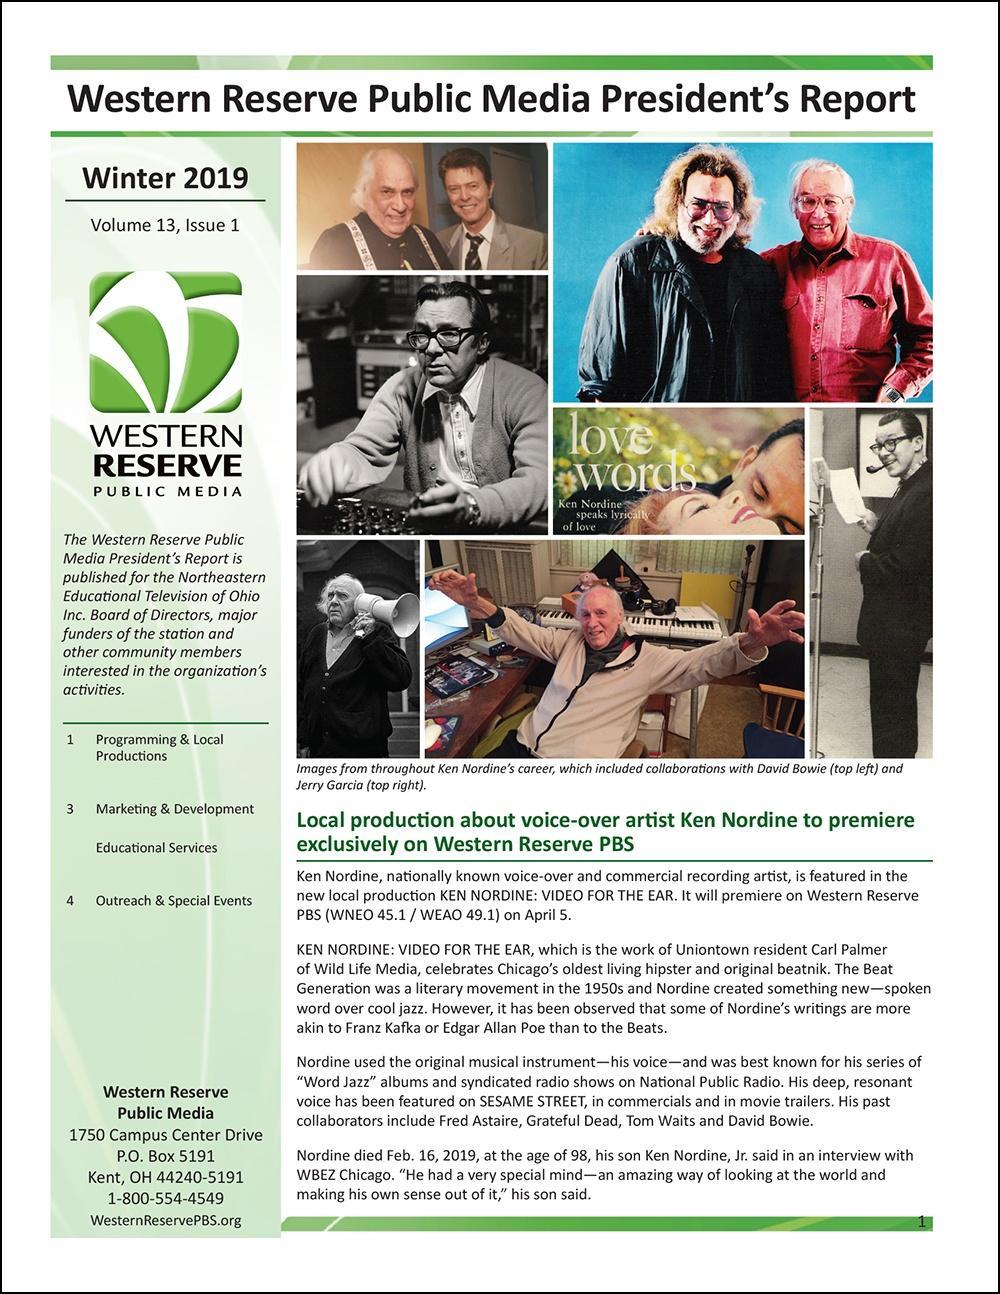 Winter 2019 - Volume 13, Issue 1